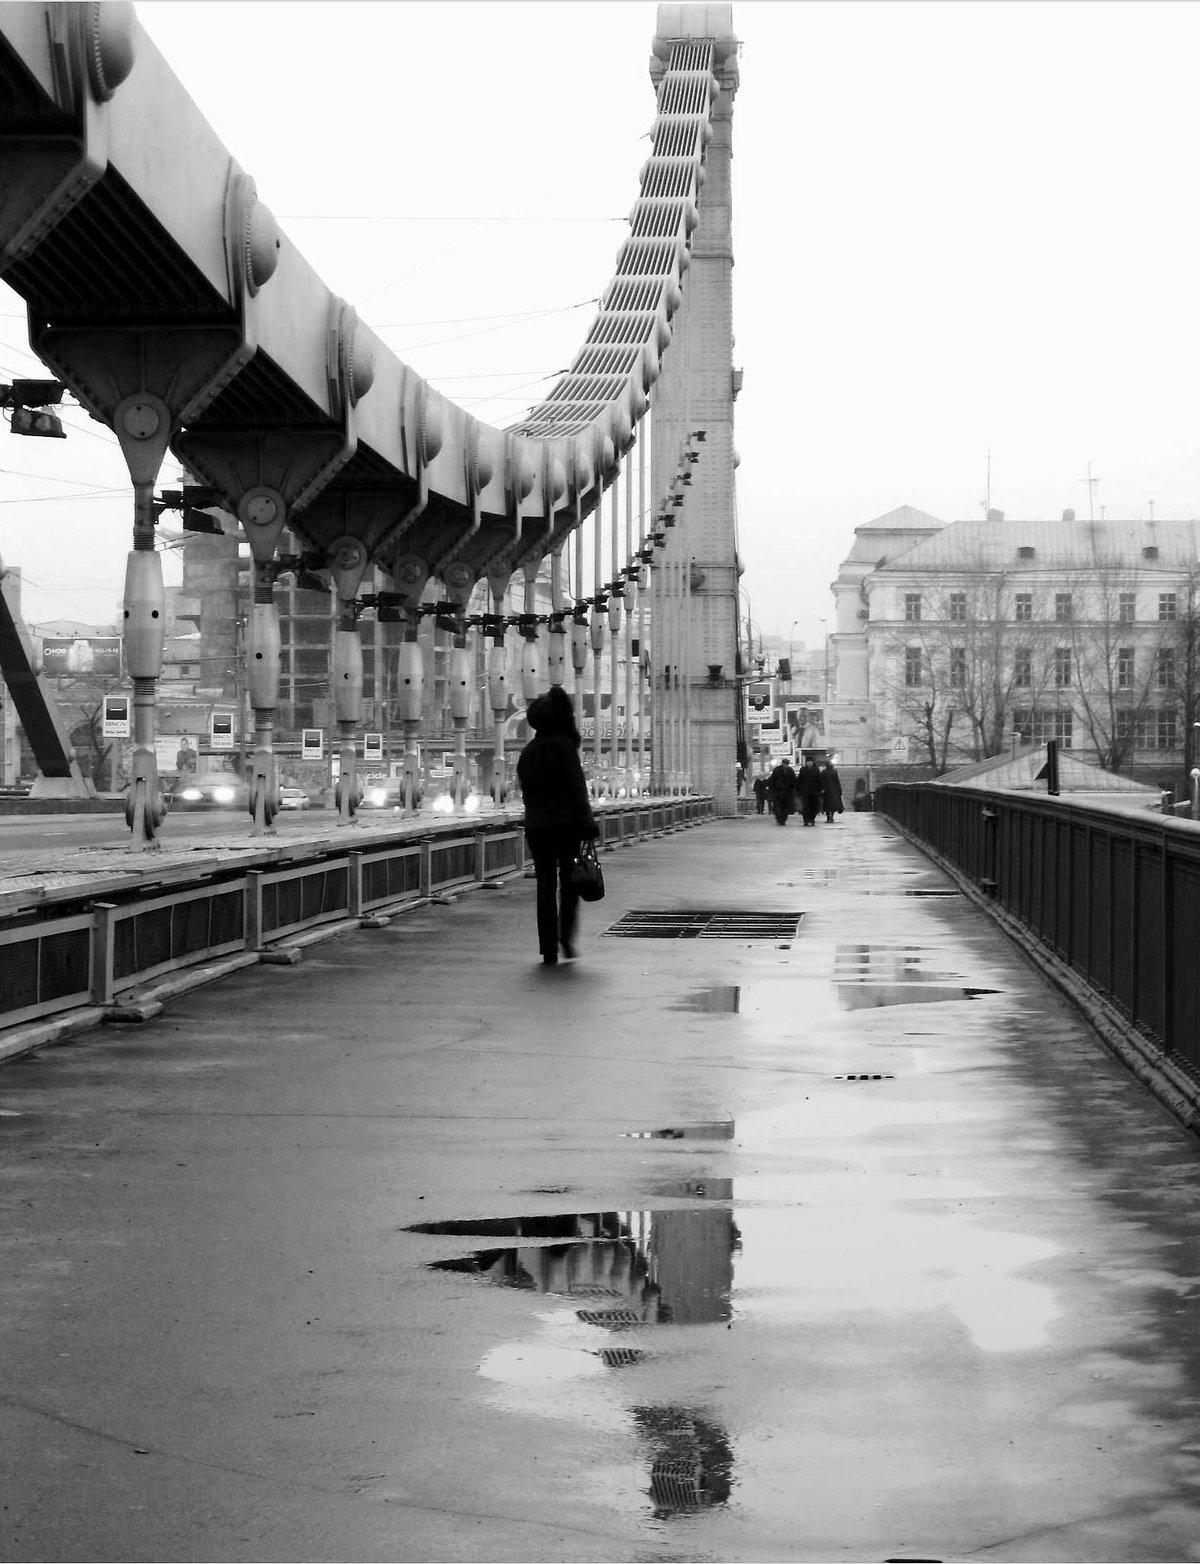 мост под дождем картинки существует несколько